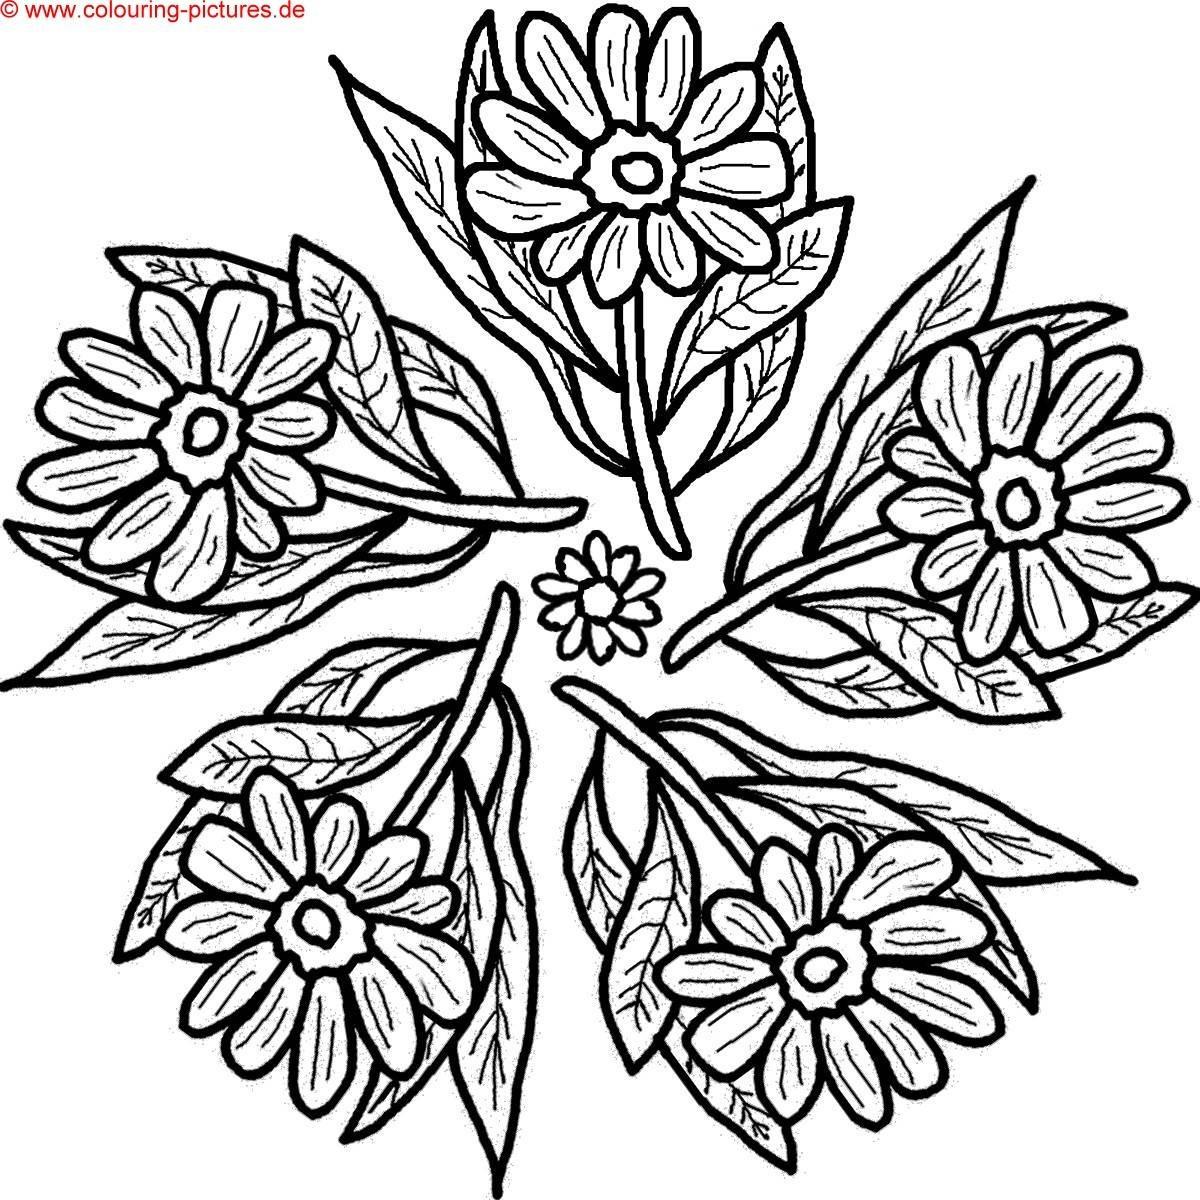 Malvorlagen Blumen Ranken Kostenlos Das Beste Von Malvorlagen ornamente Kostenlos Genial Ausmalbilder Blumen Ranken Sammlung